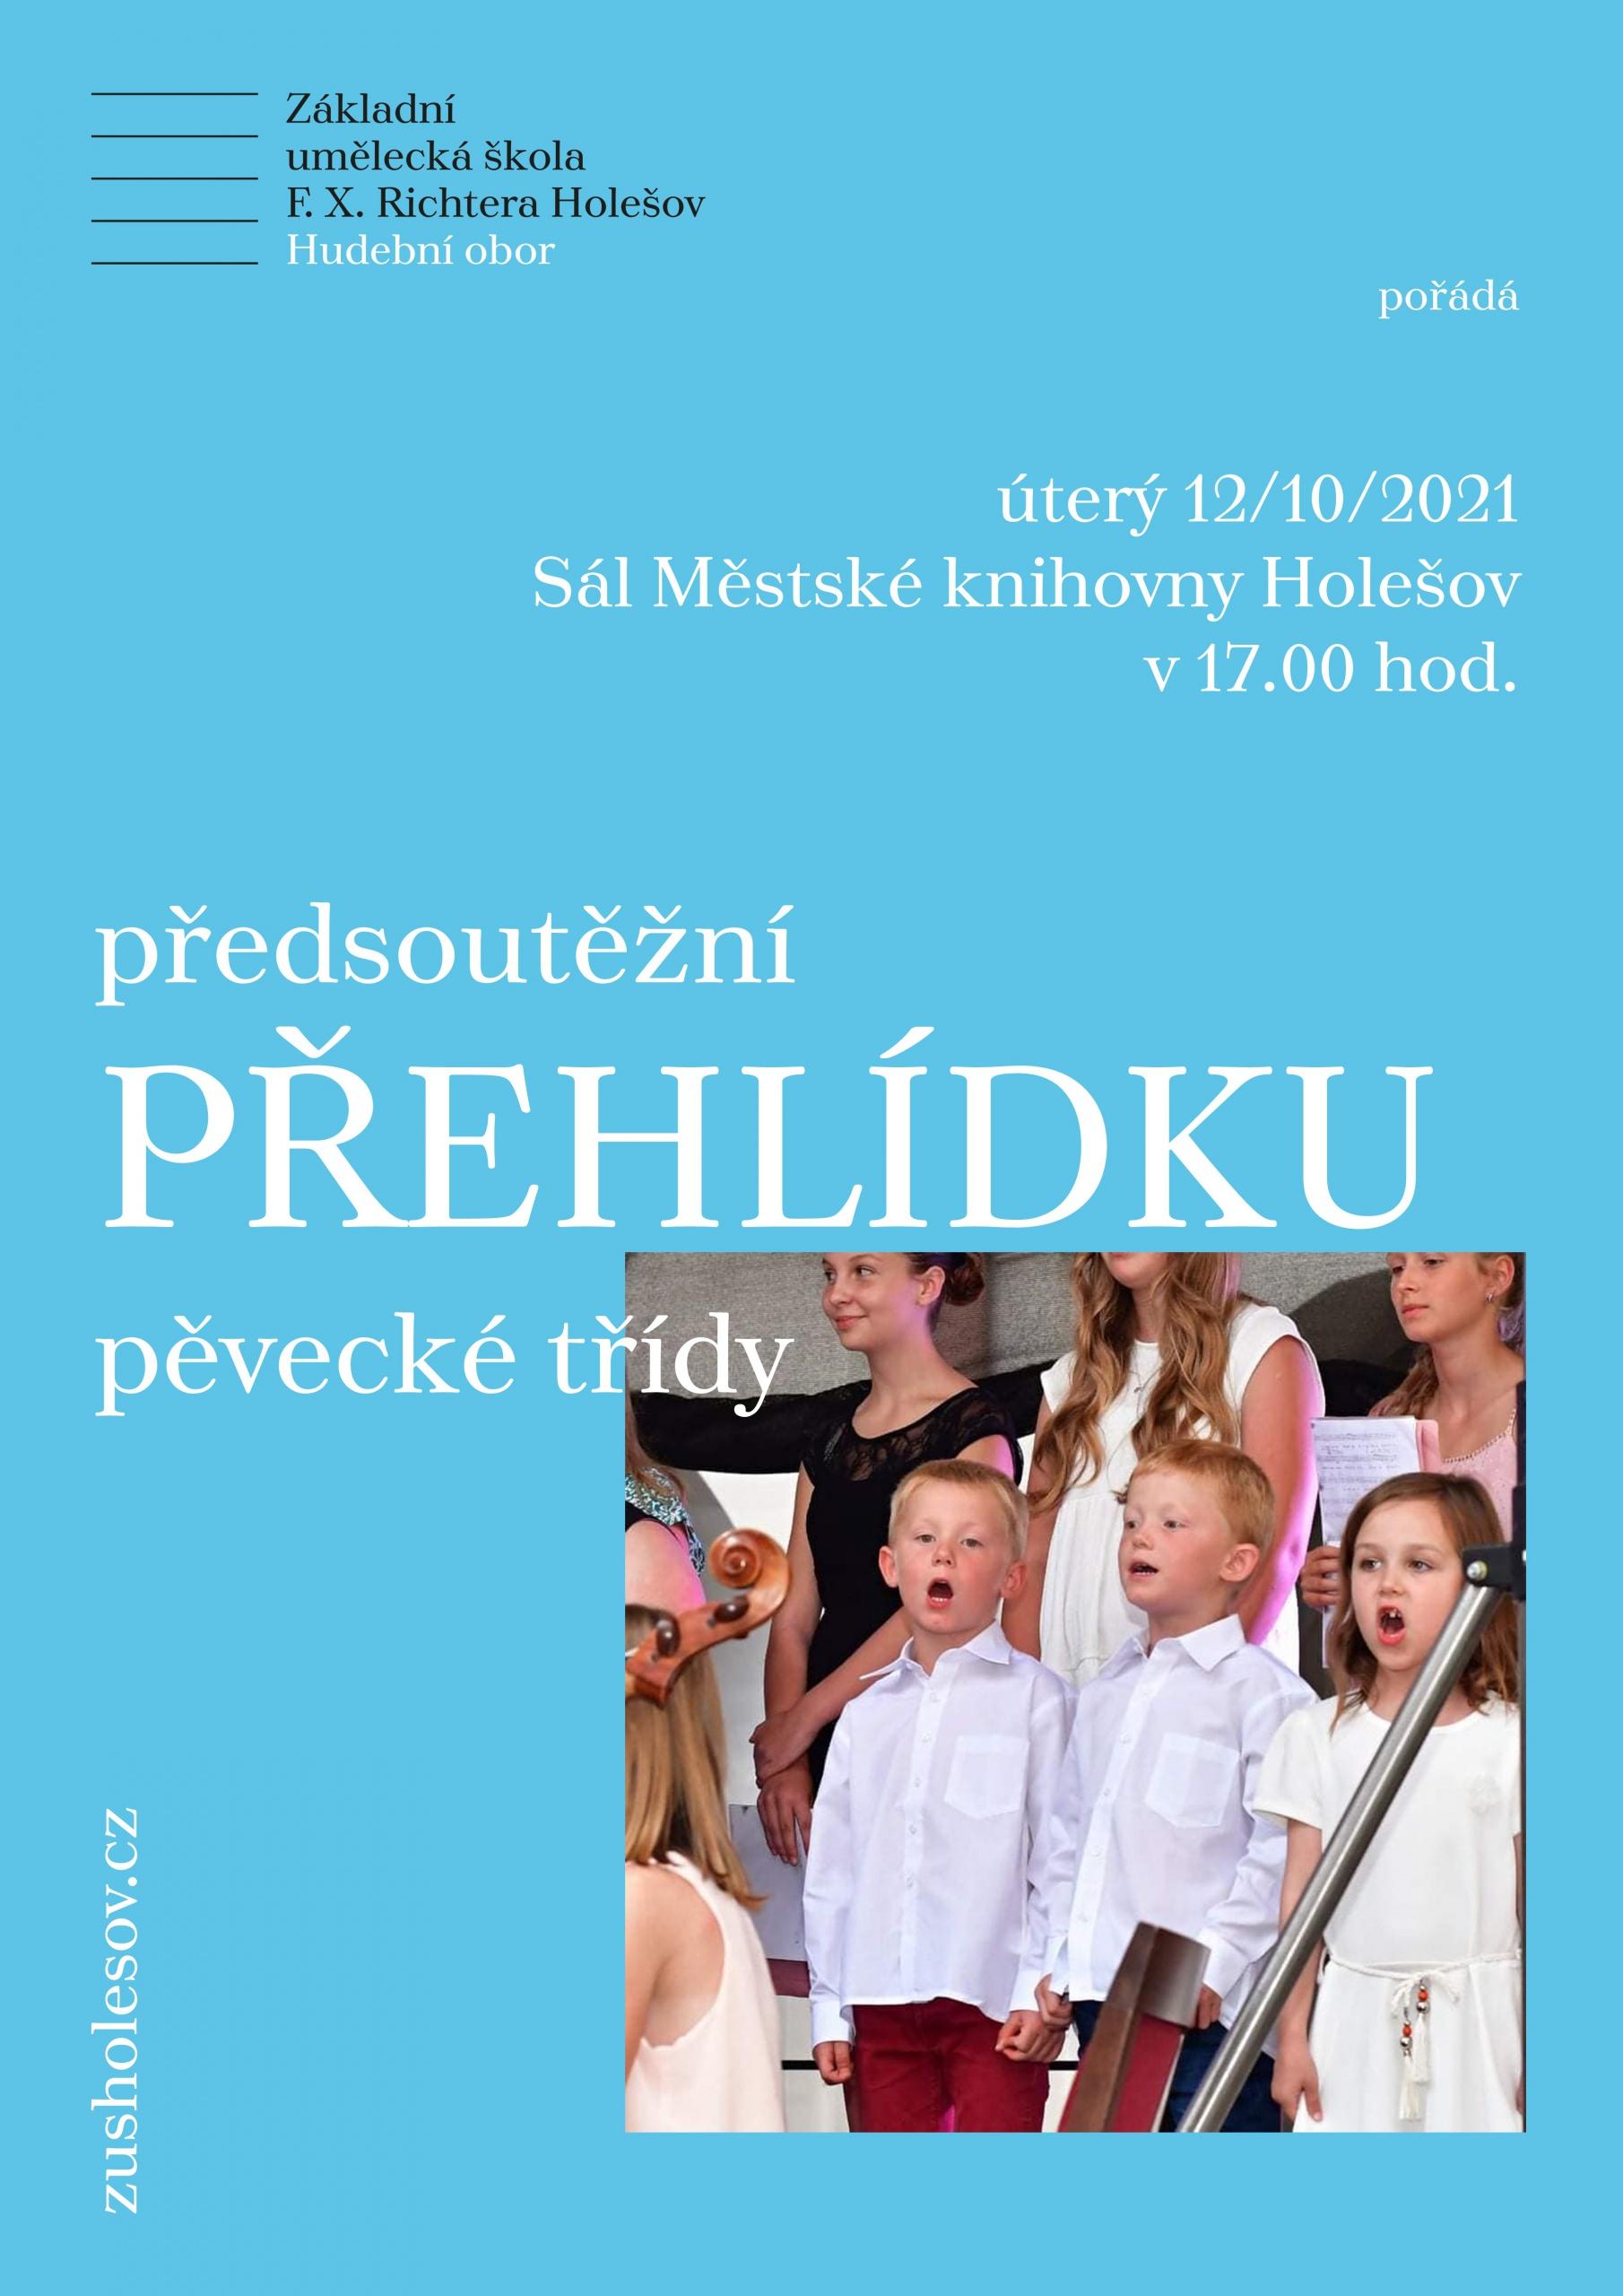 Koncert pěvecké třídy v sále Městské knihovny v Holešově